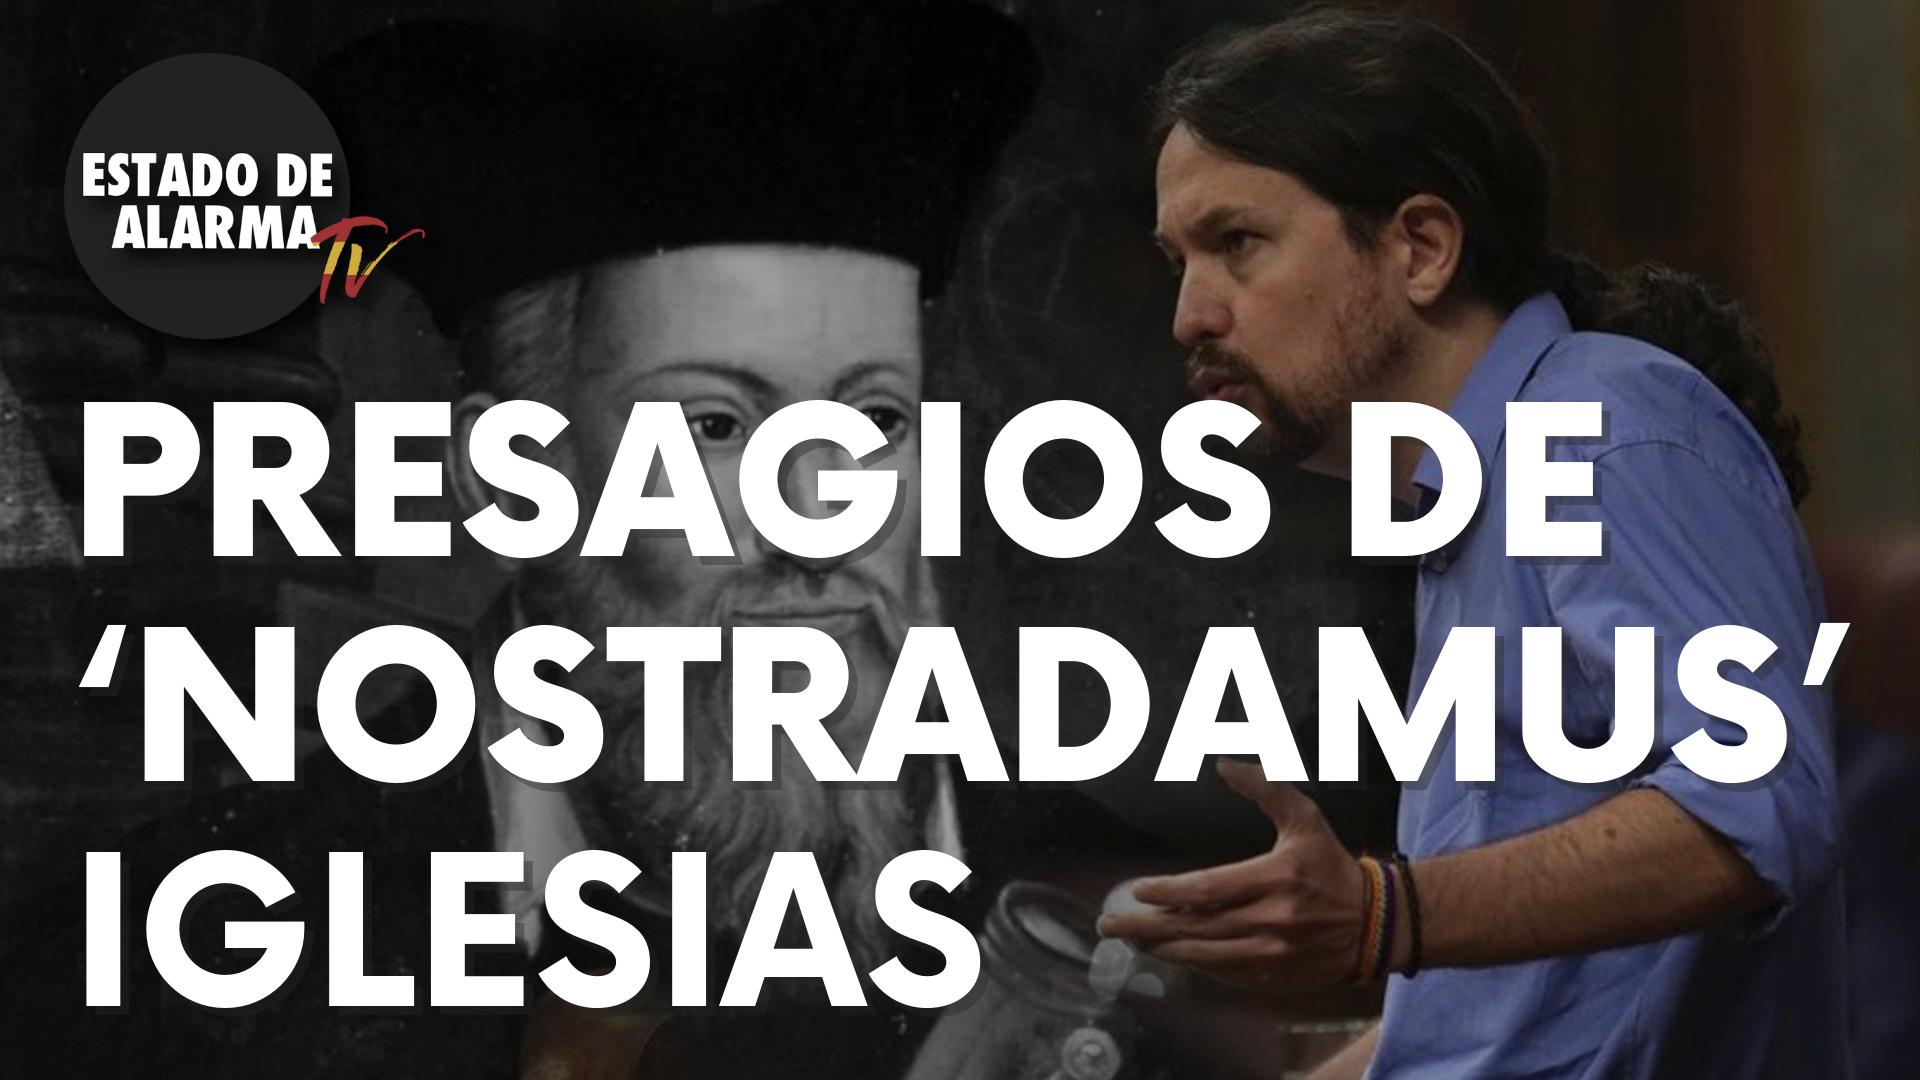 Los presagios de Pablo 'Nostradamus' Iglesias